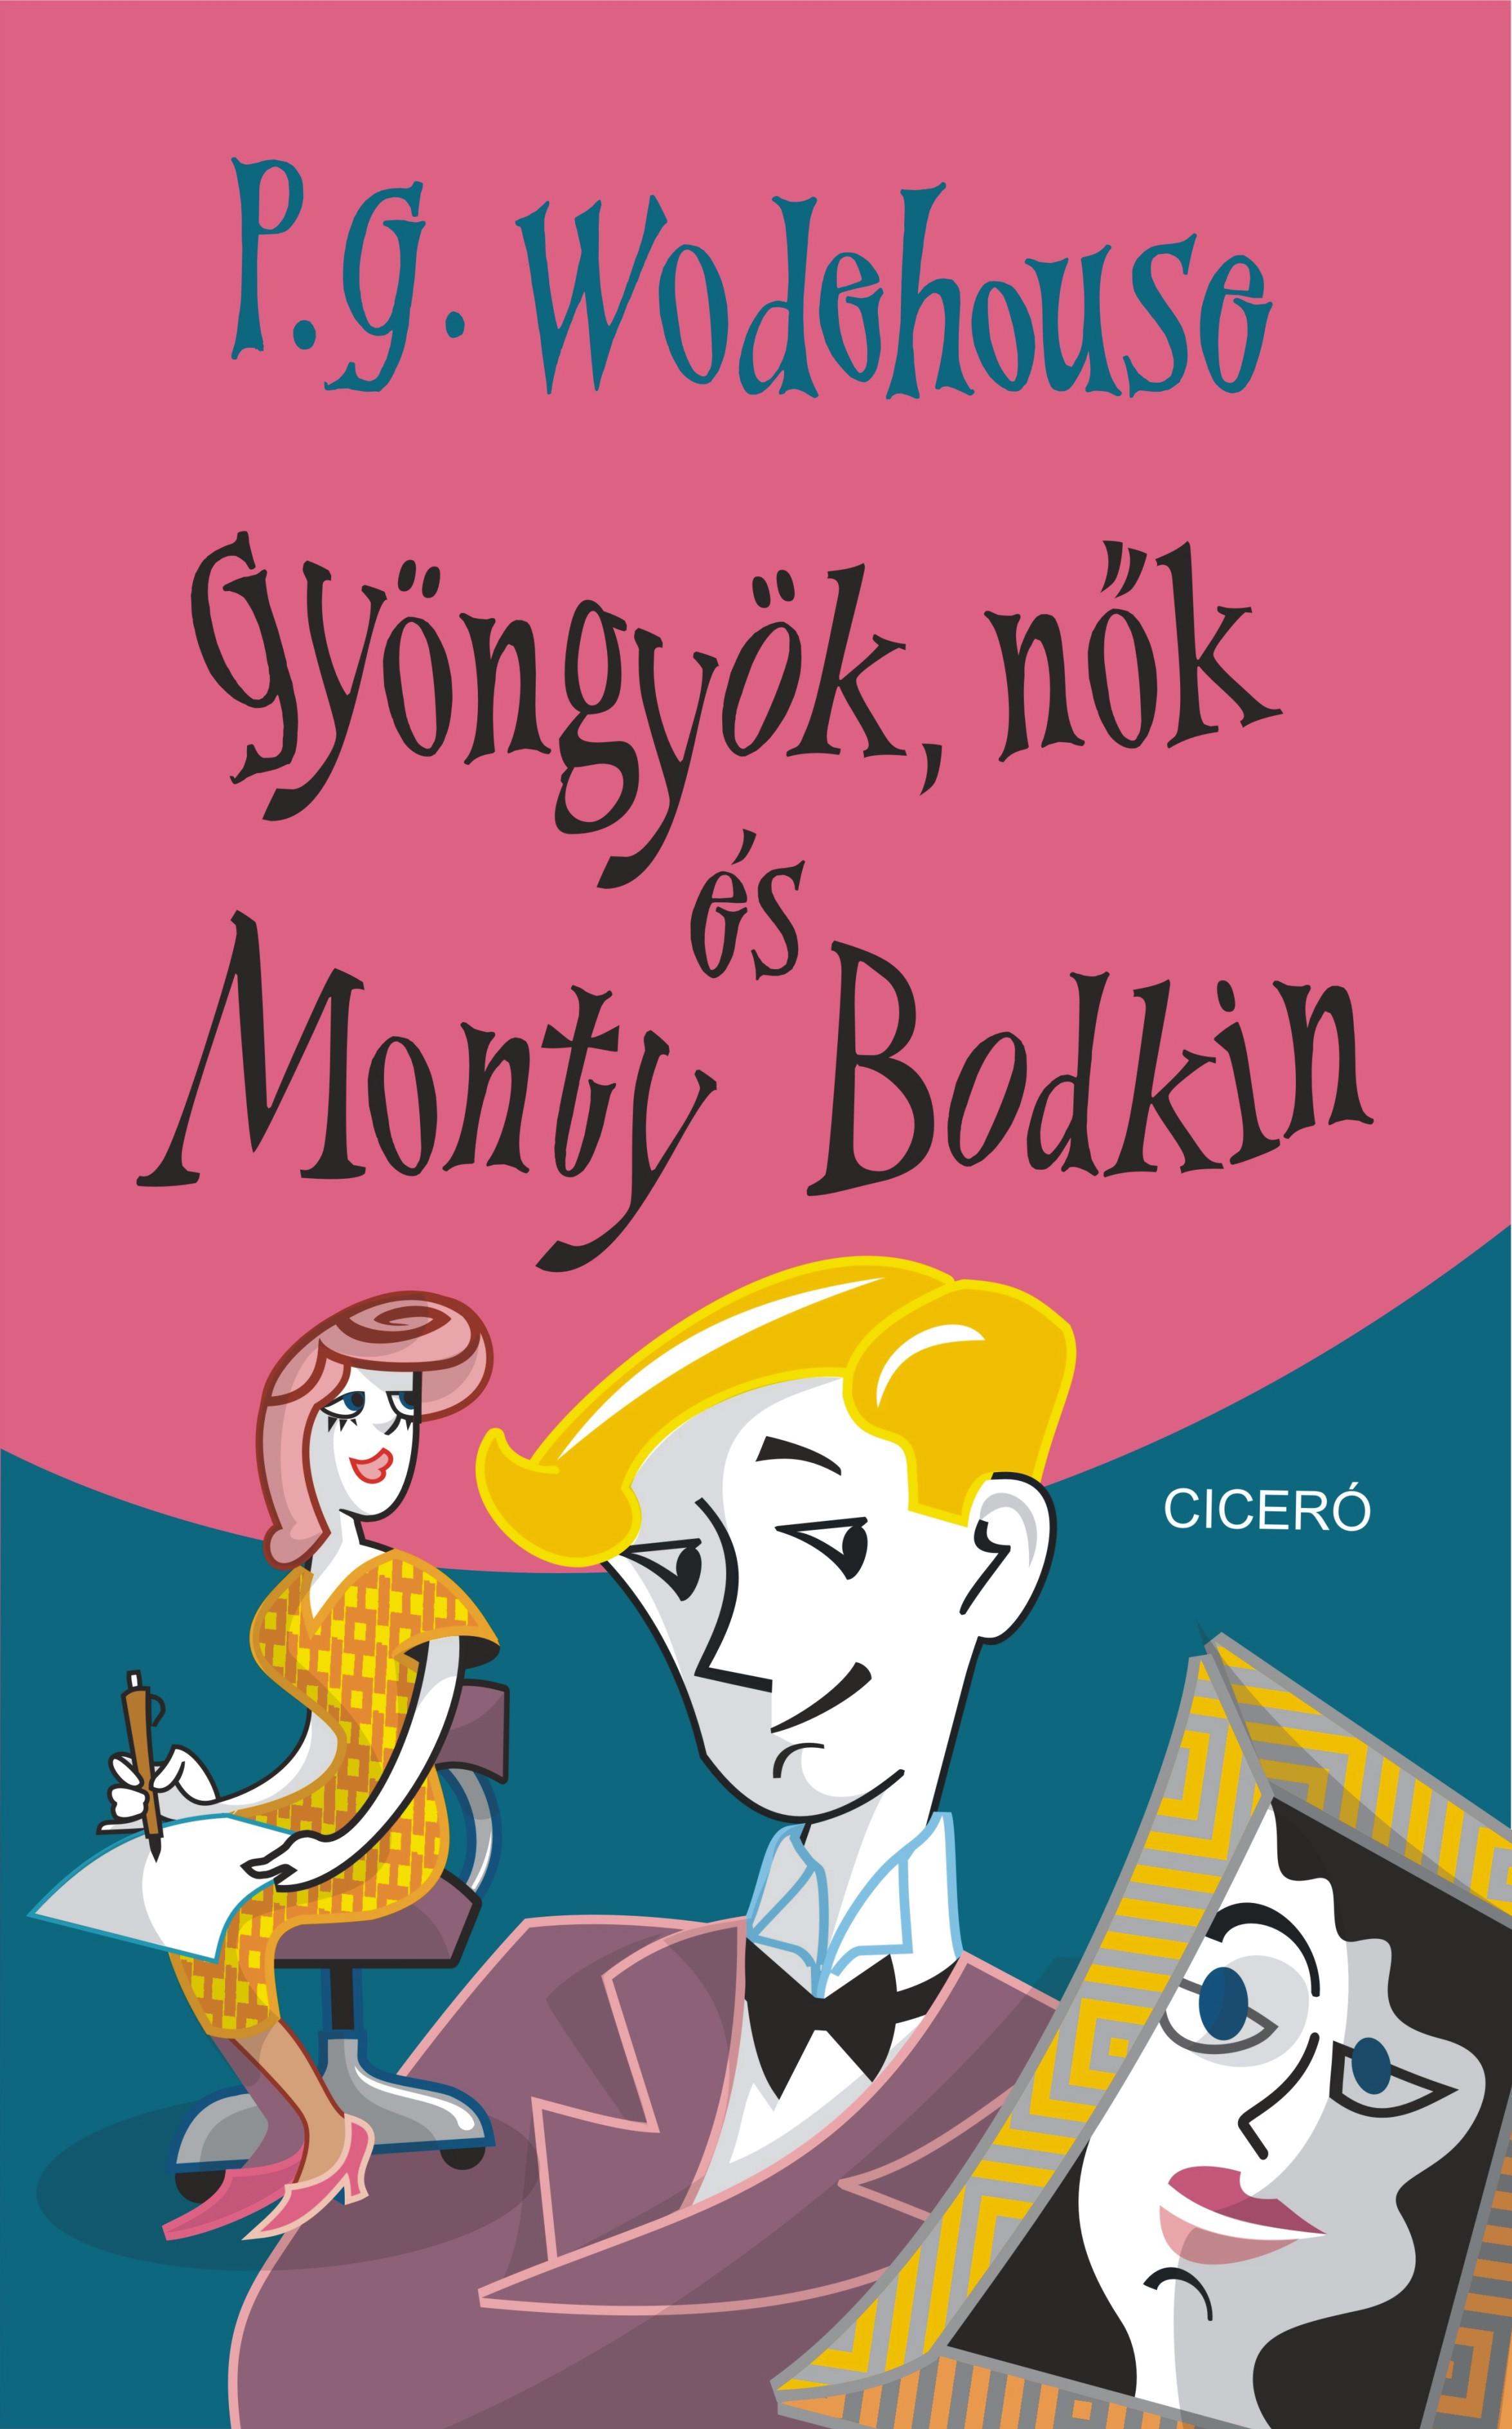 P. G. Wodehouse - Gyöngyök, nők és Monty Bodkin